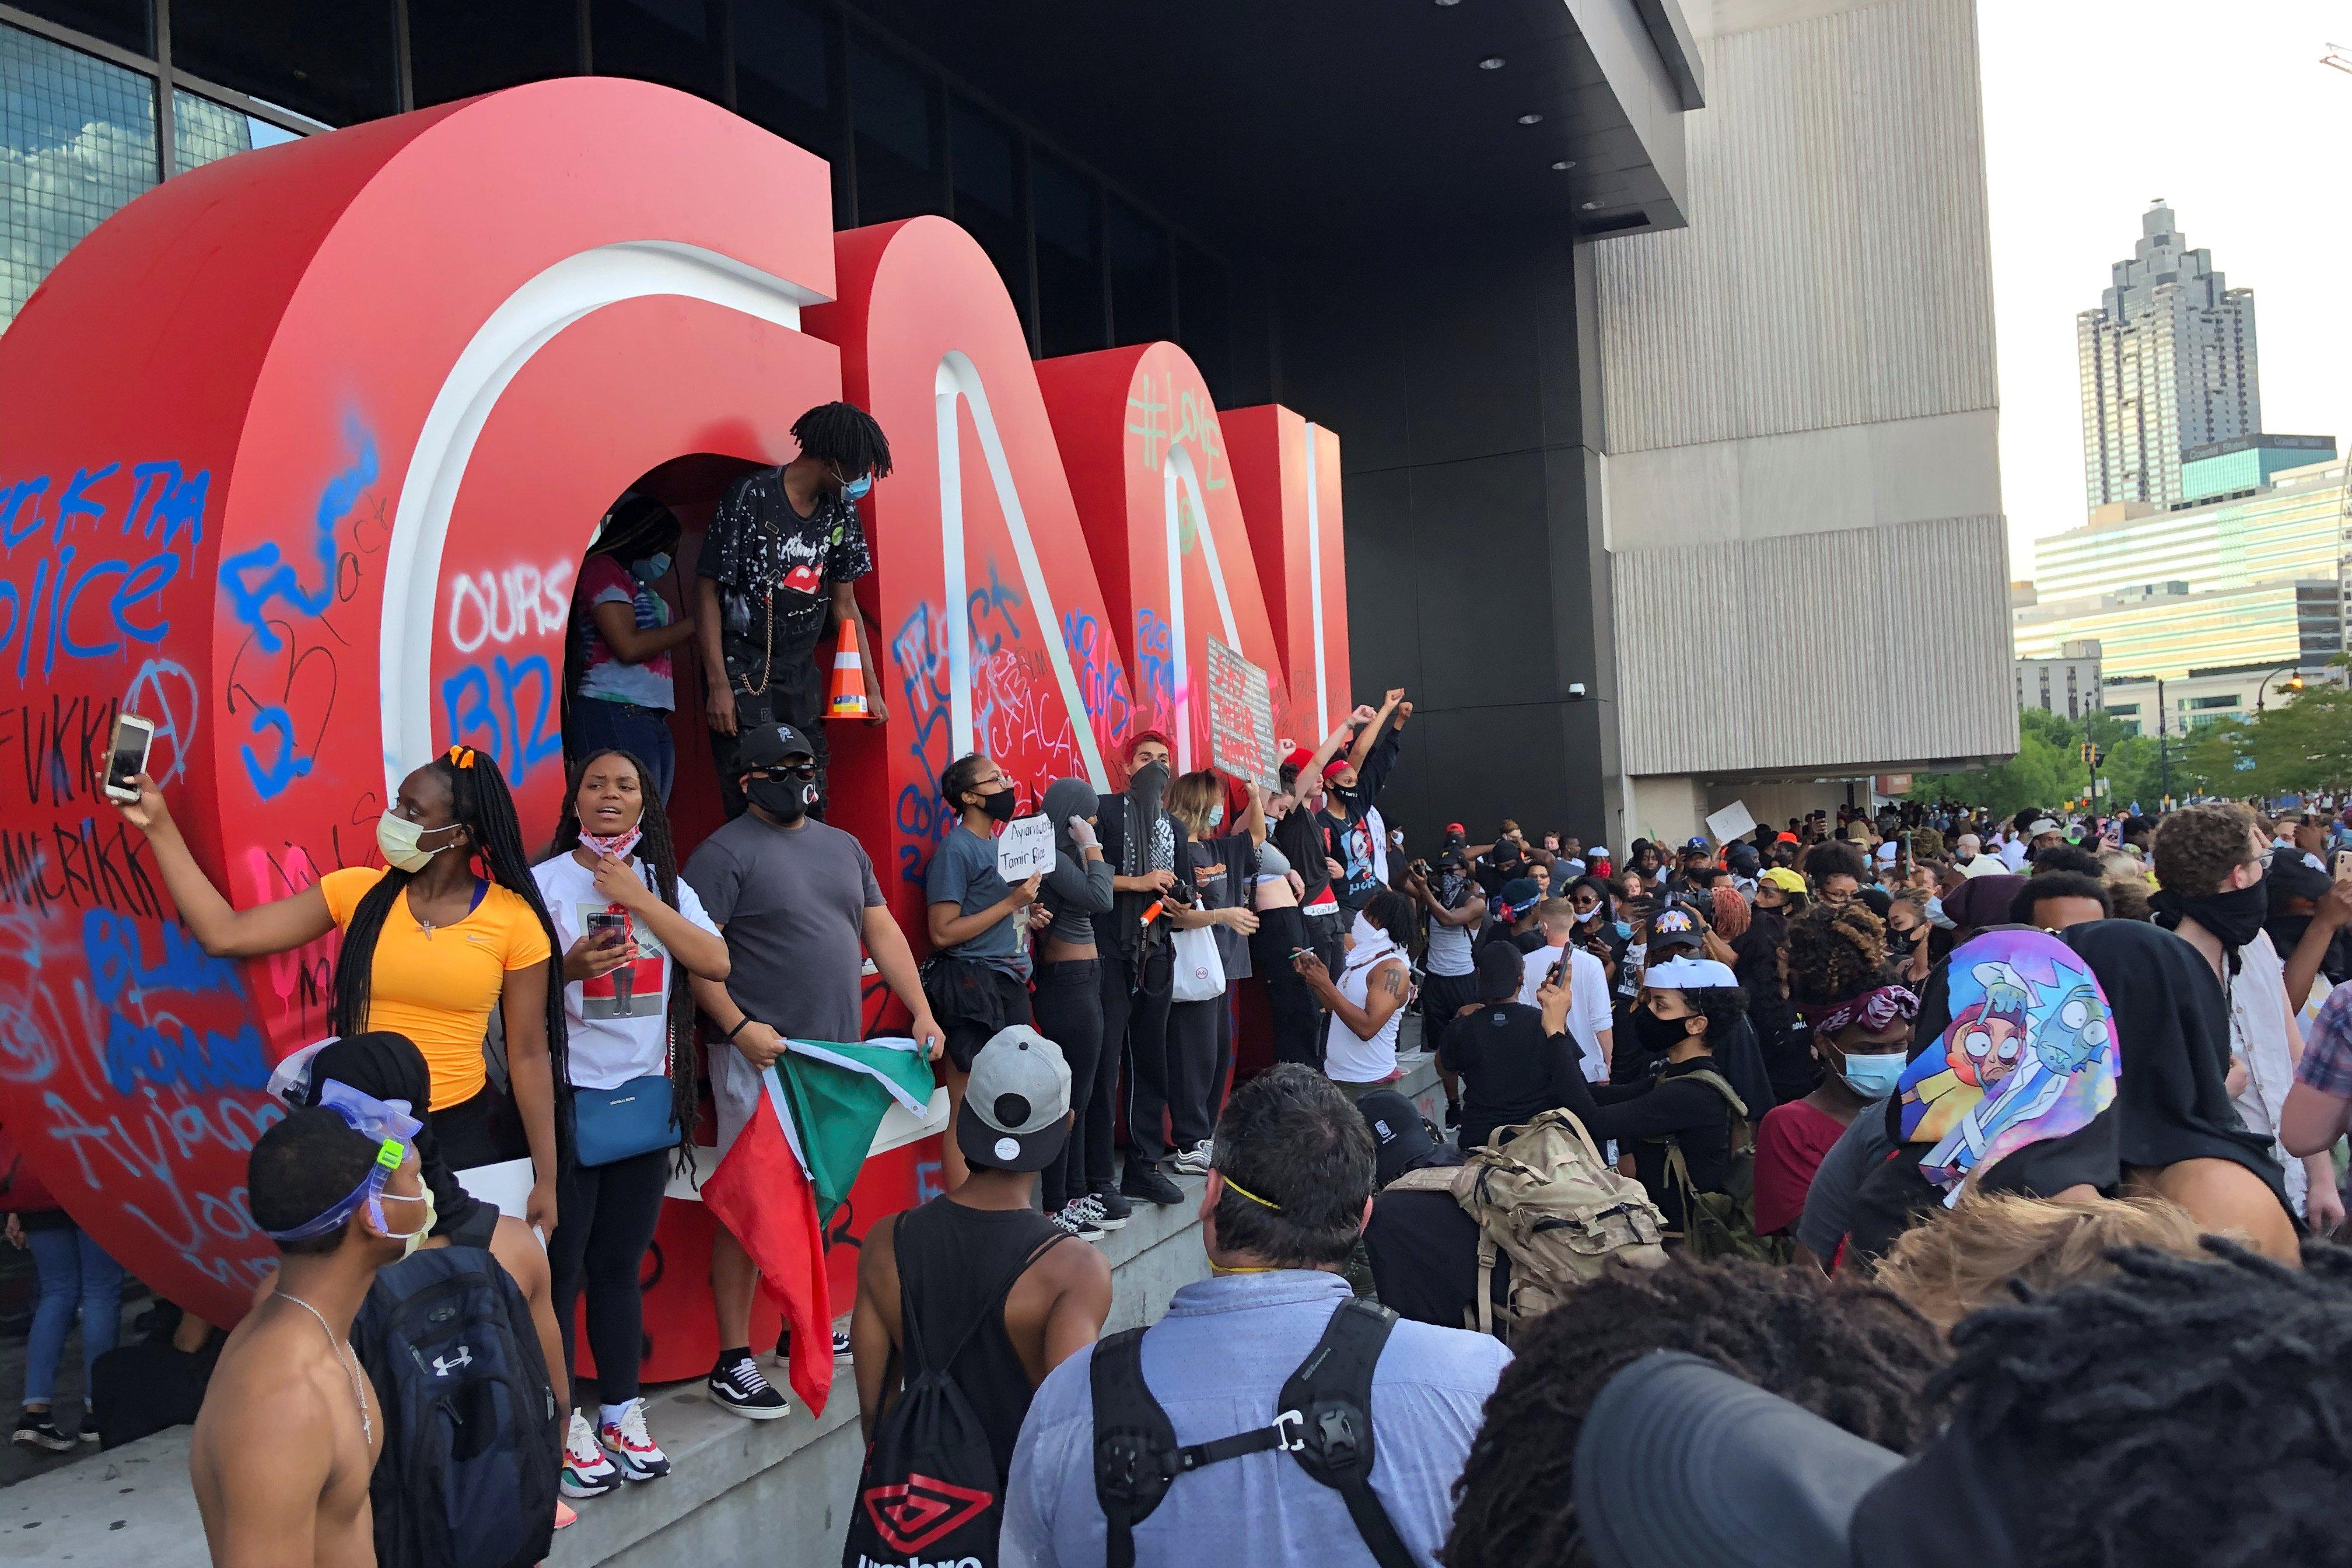 El asalto a la sede de la cadena de TV CNN en Atlanta, donde la Policía tuvo que intervenir para evitar que fuese totalmente vandalizada (REUTERS/Dustin Chambers)